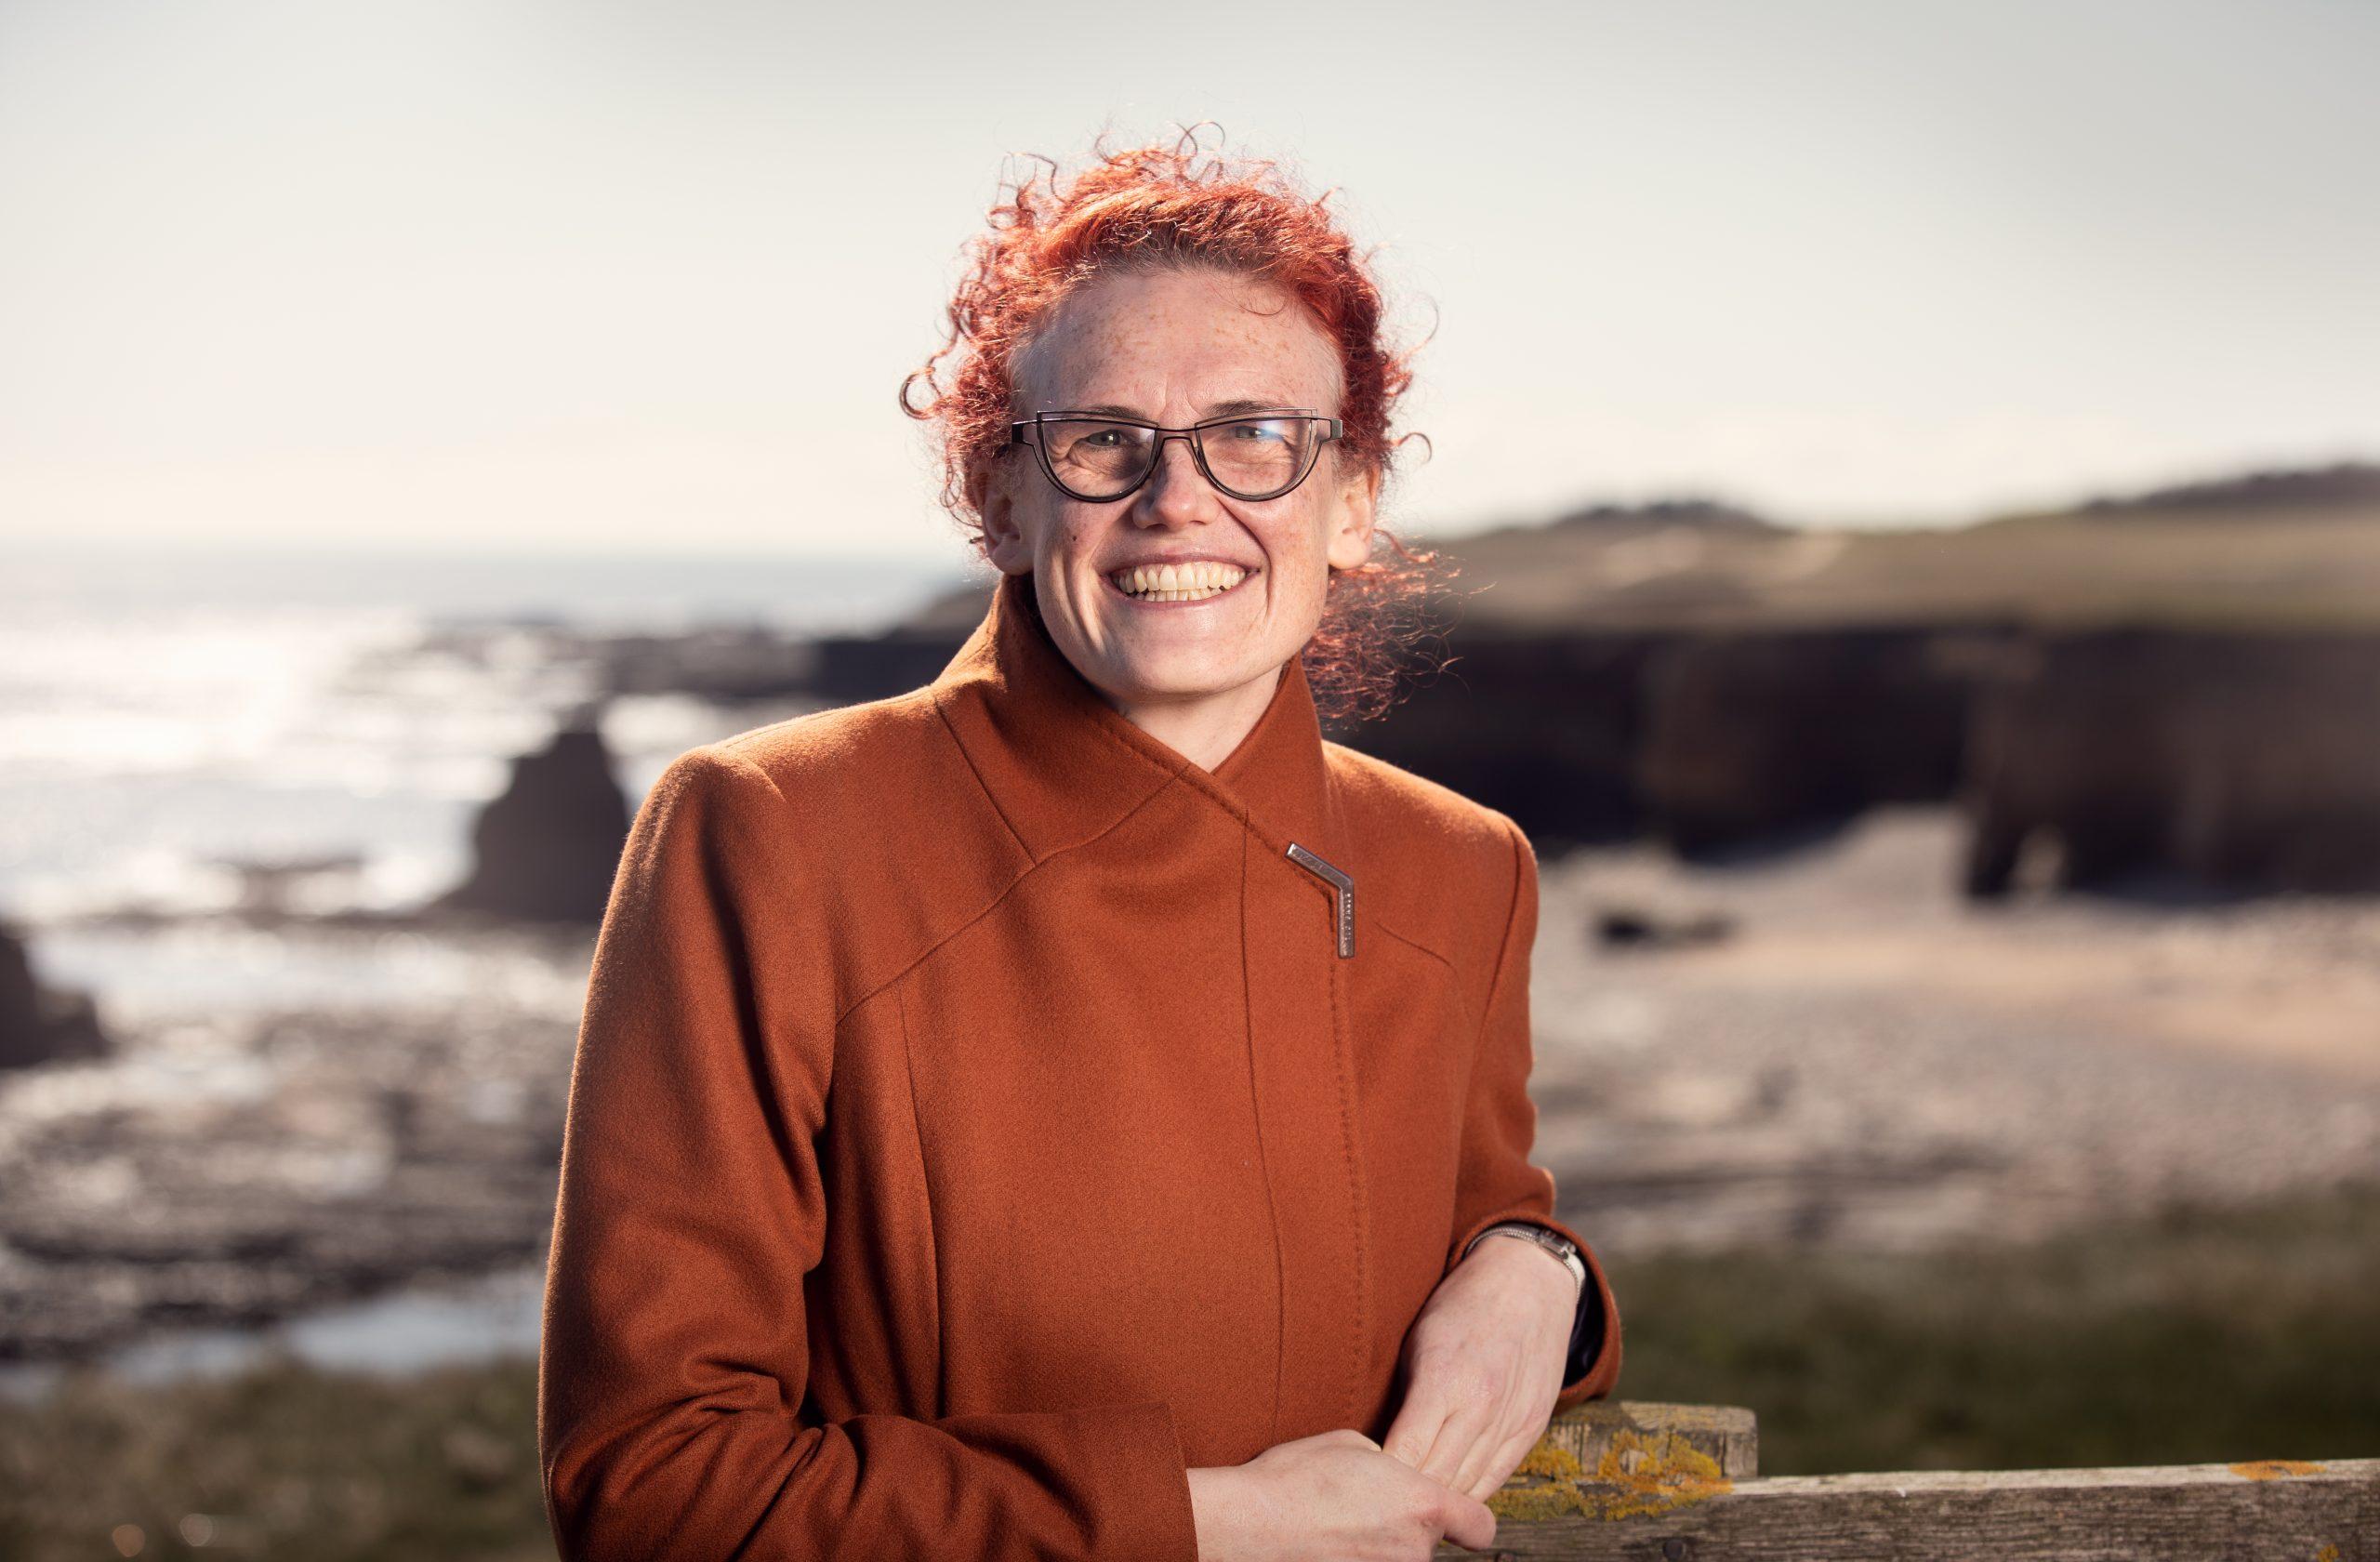 Profile image for Suzy O'Hara